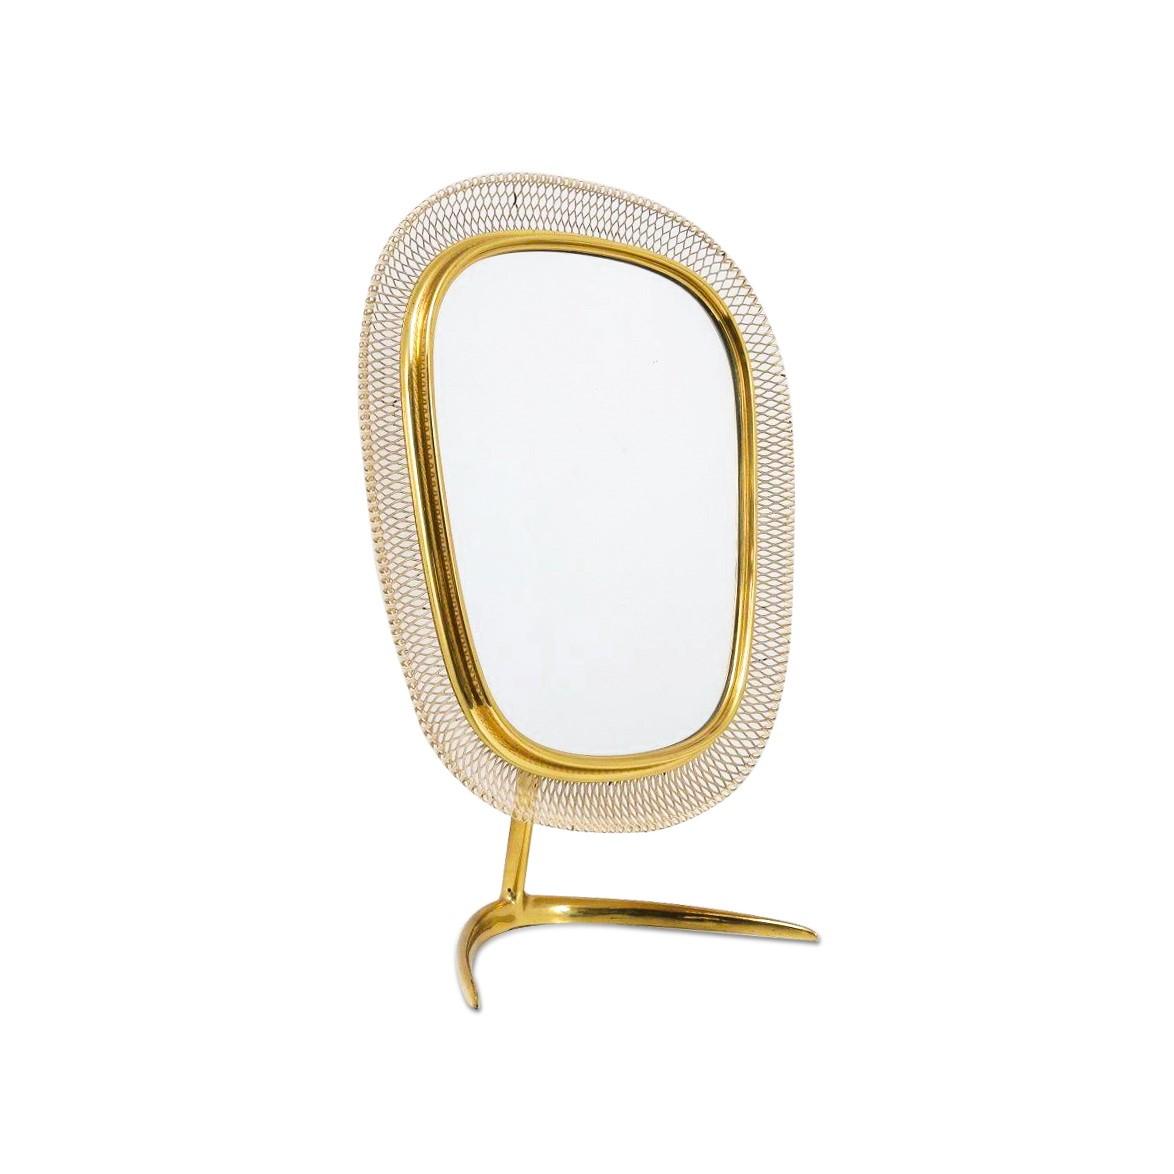 m23874 1950s Beautiful vanity mirror in brass with white perforated metal edge Vereinigte Werkstätten München / Germany